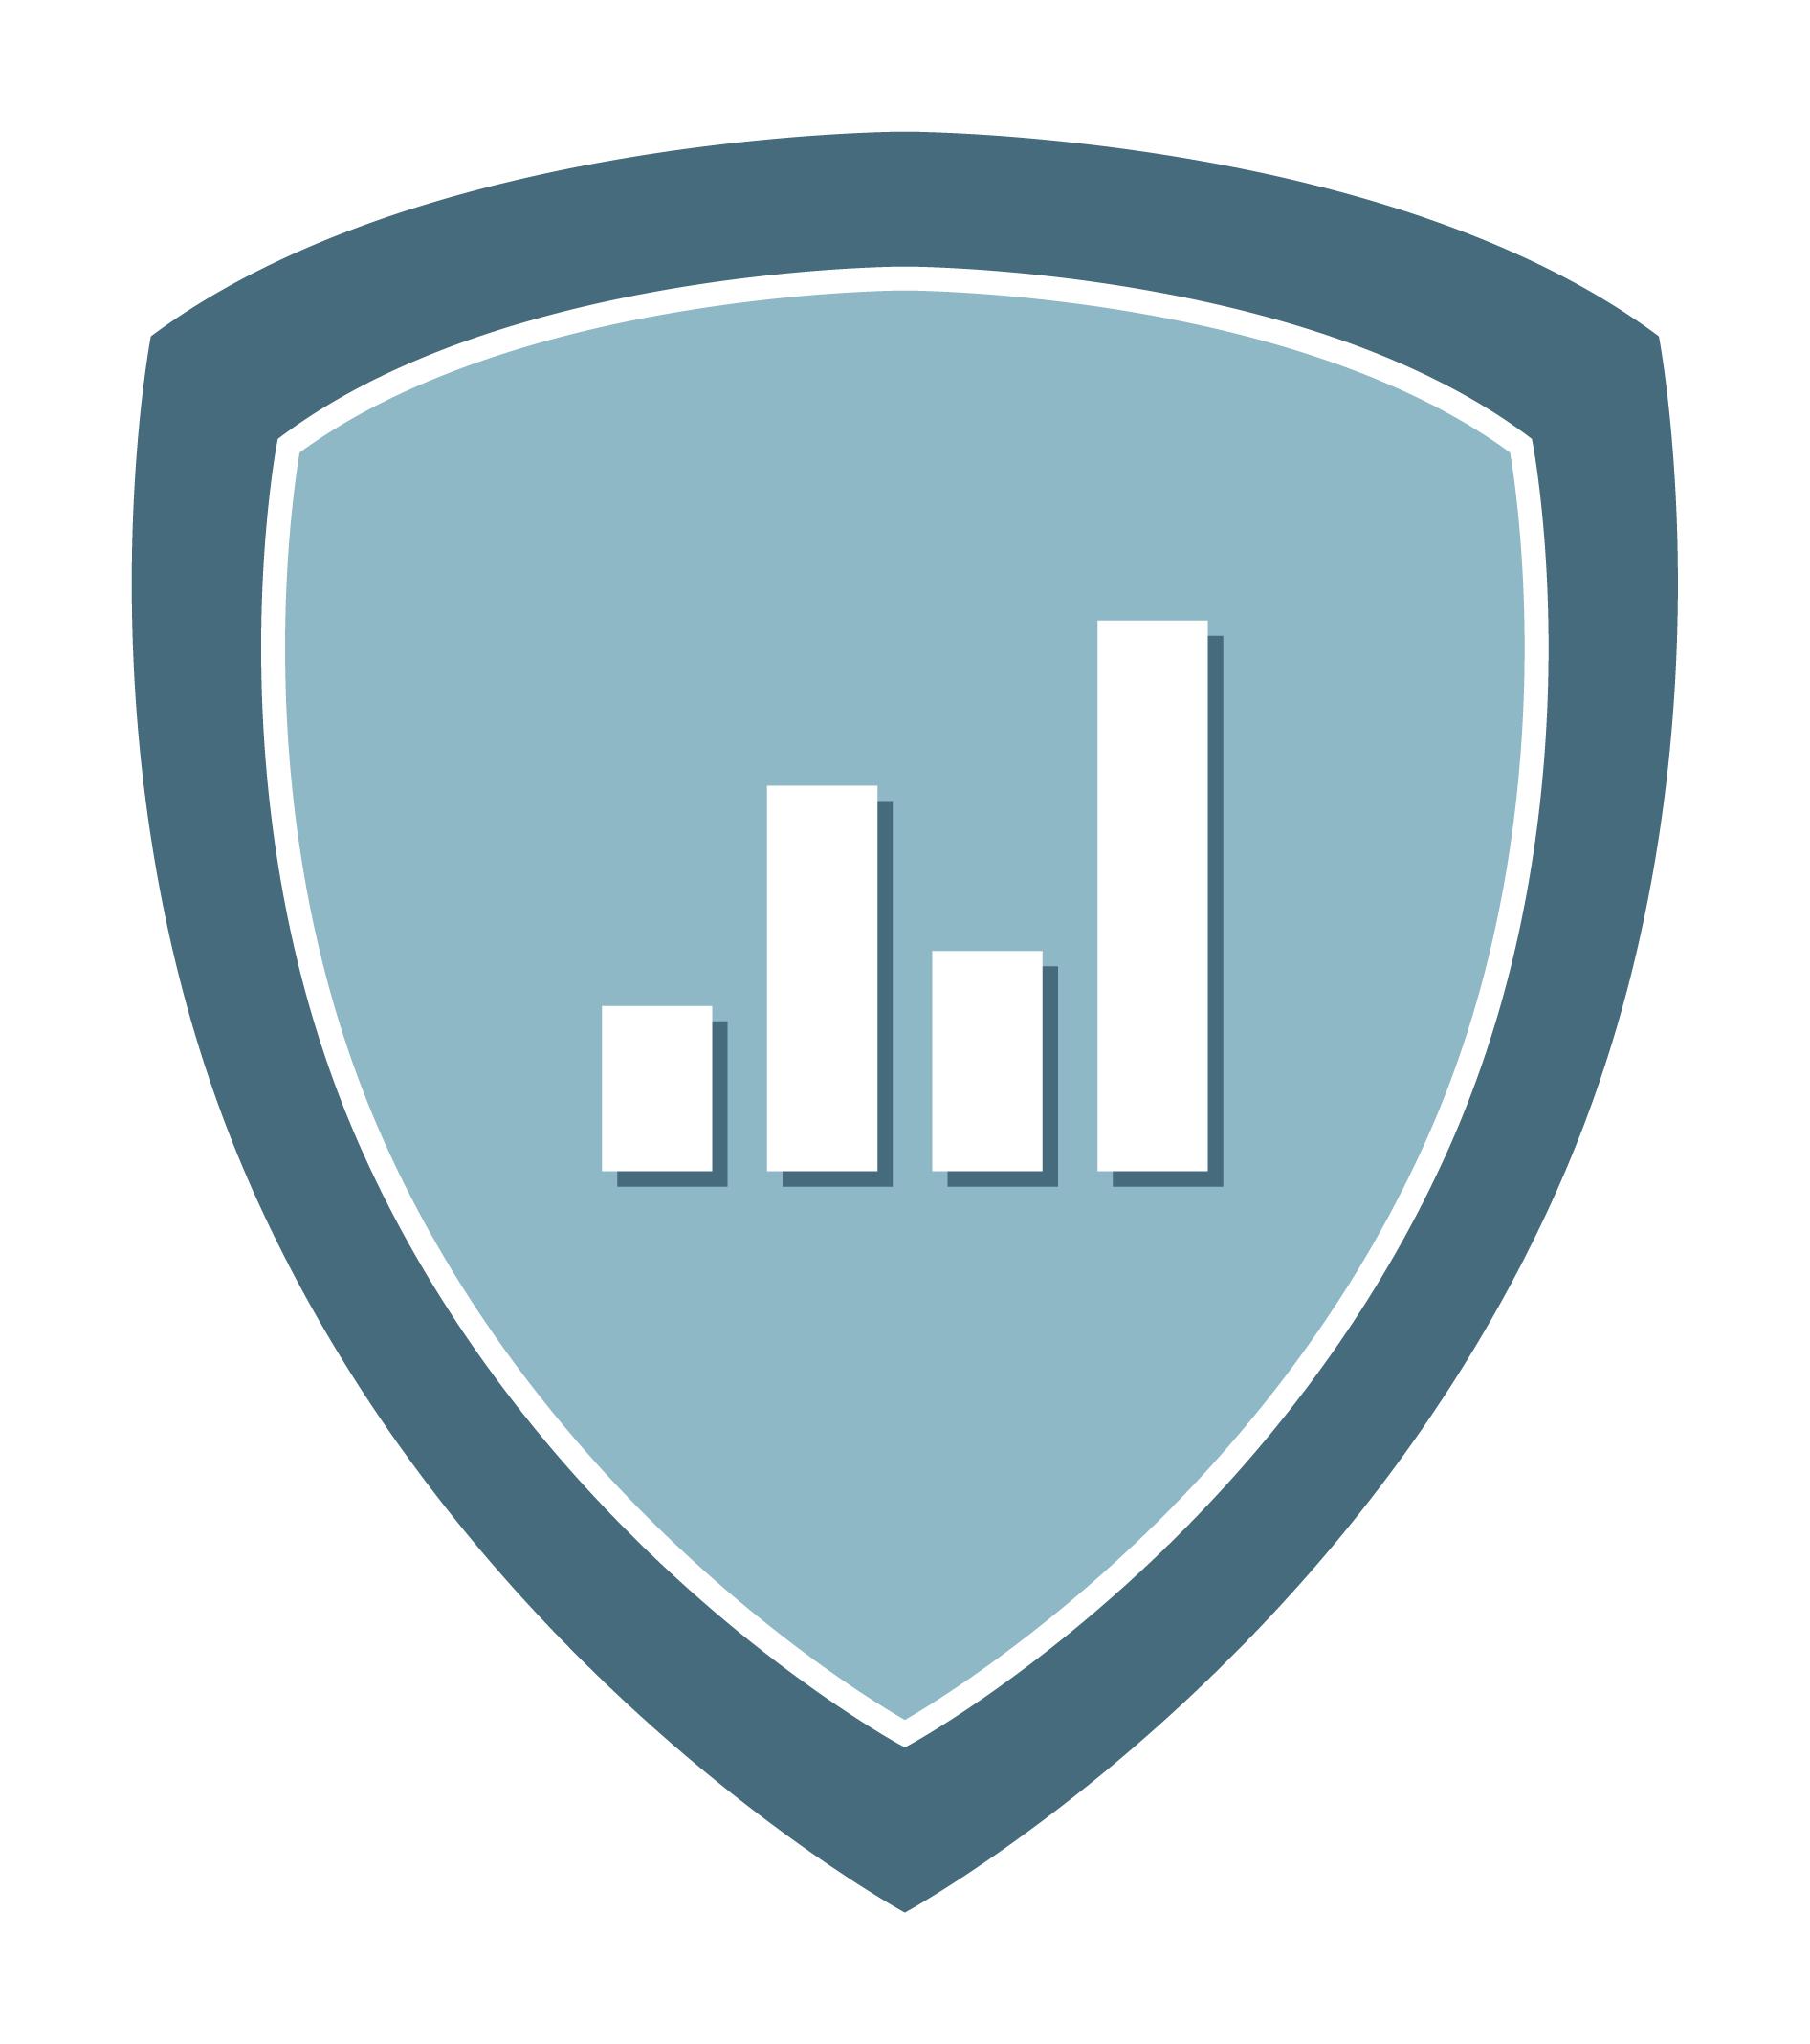 SurfWatch Analytics Shield